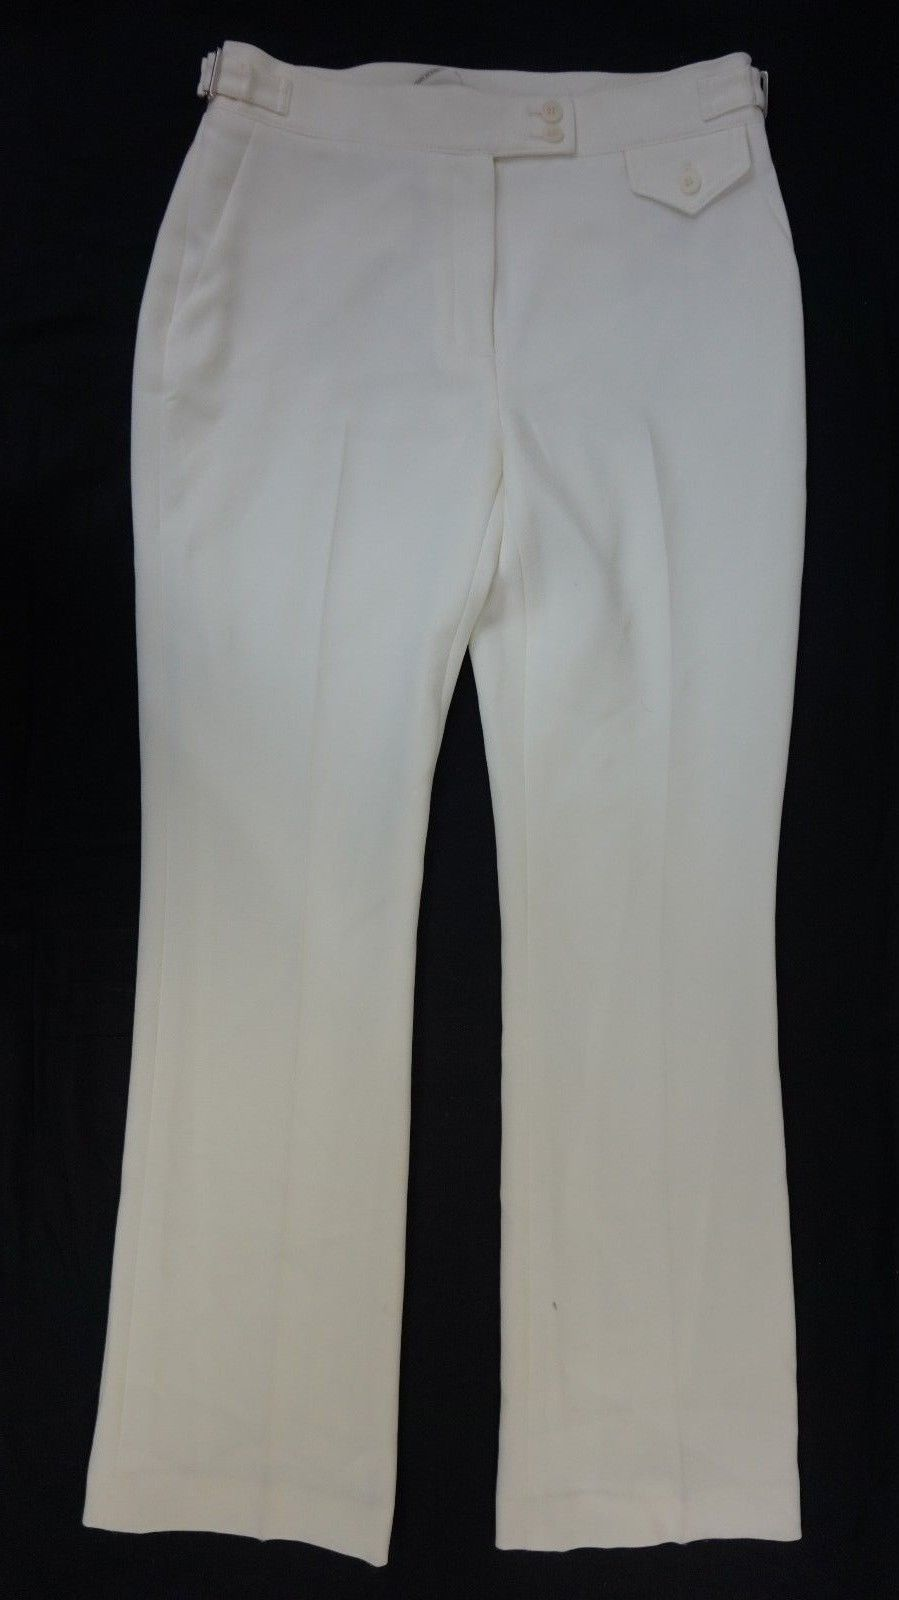 NWT Anne Klein Women's White High Waist Buckle Detail Dress Pants 6 x 34